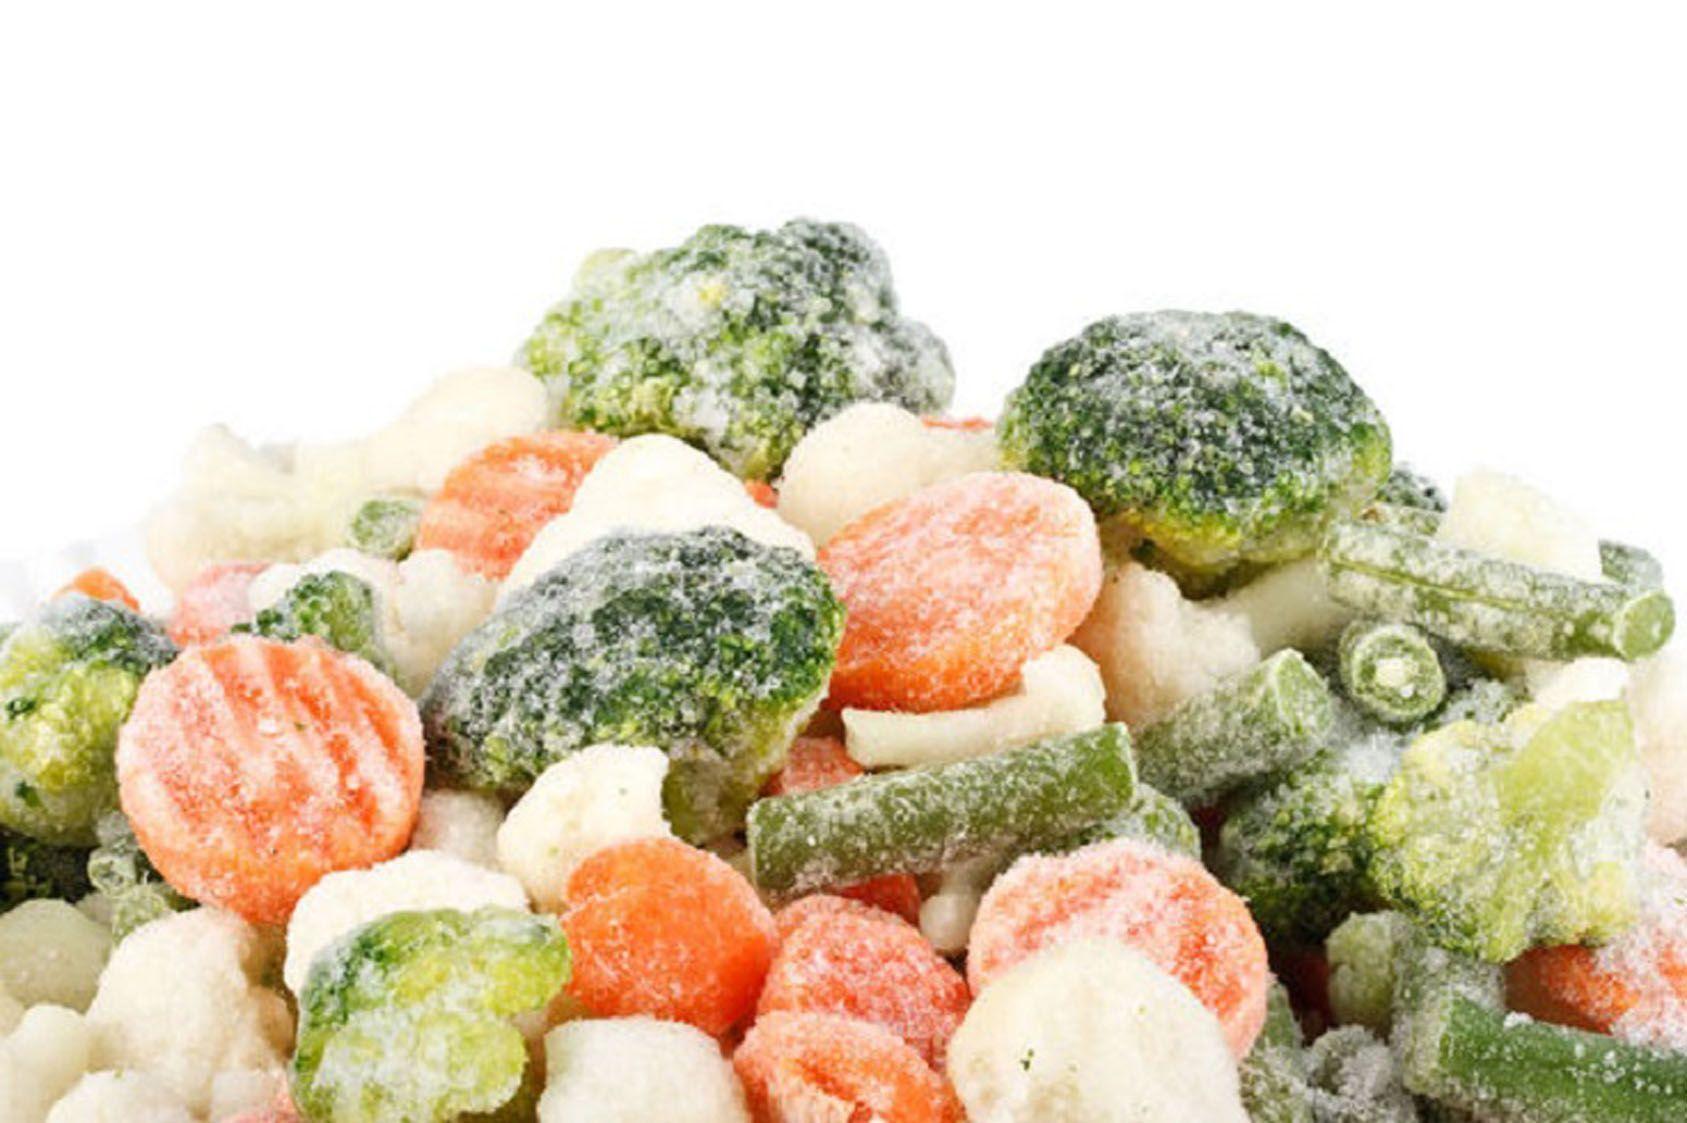 Cómo descongelar alimentos